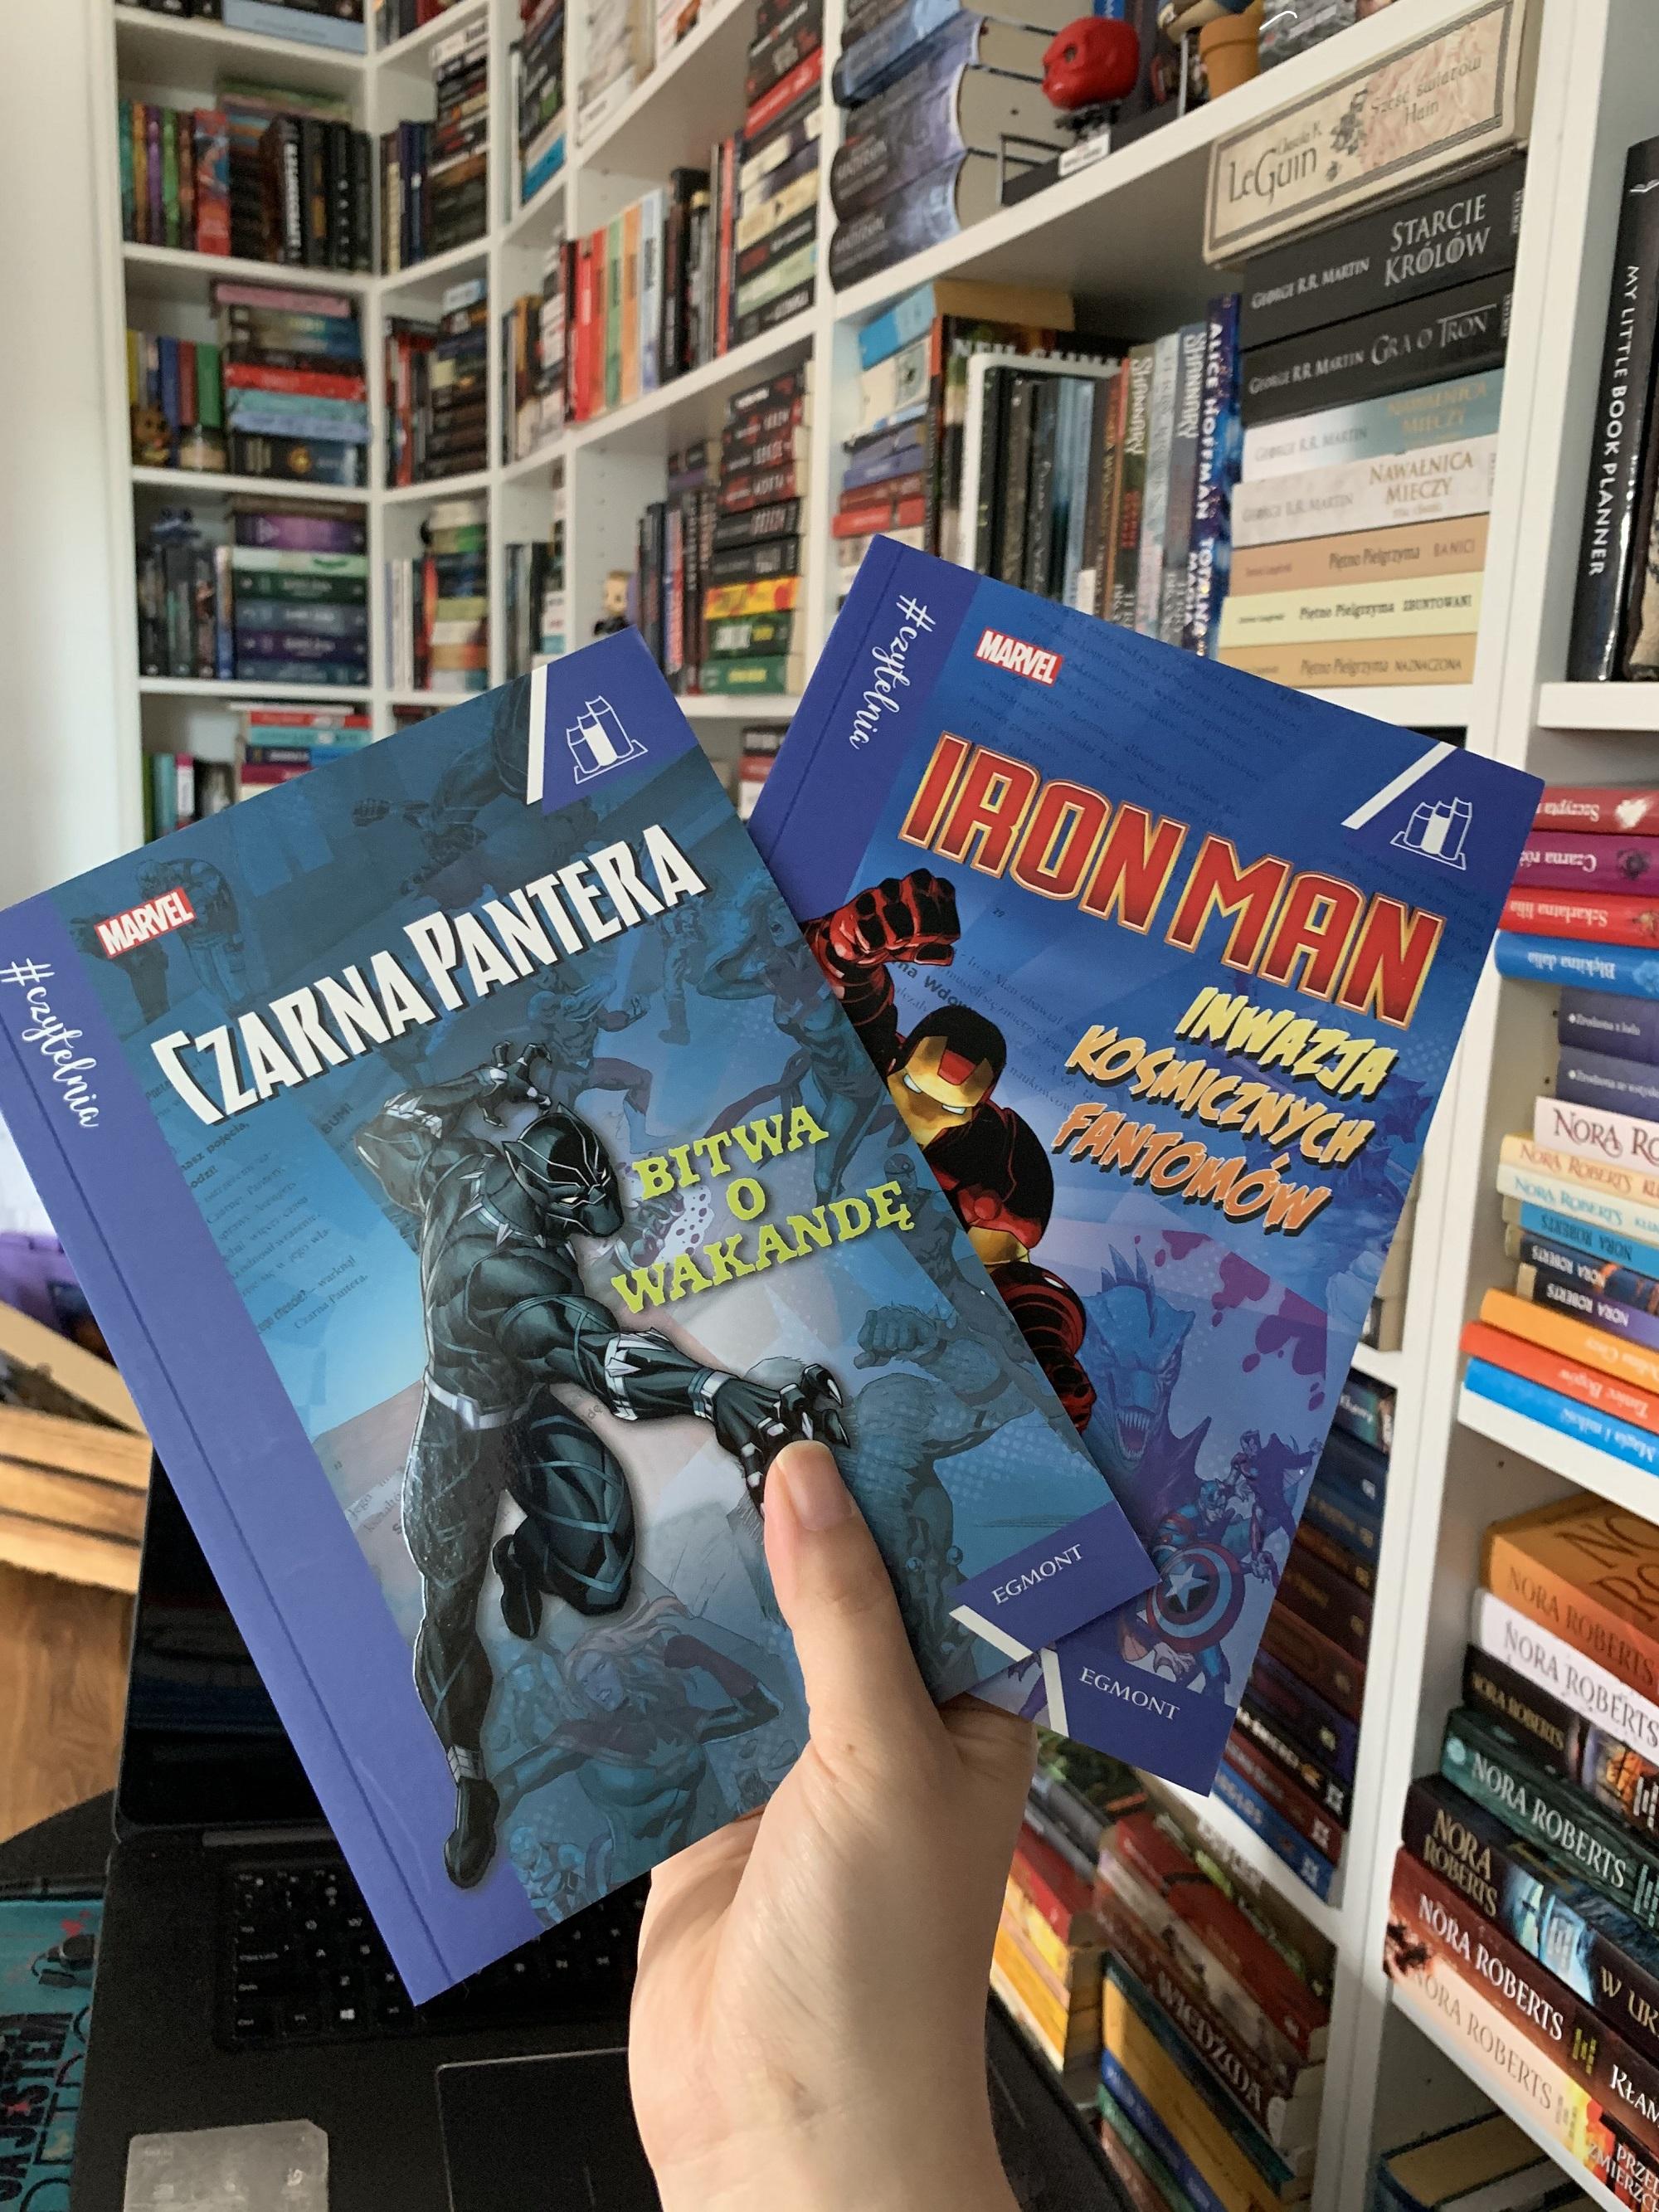 czarna-pantera-bitwa-o-wakande-oraz-iron-man-inwazja-kosmicznych-fantomow